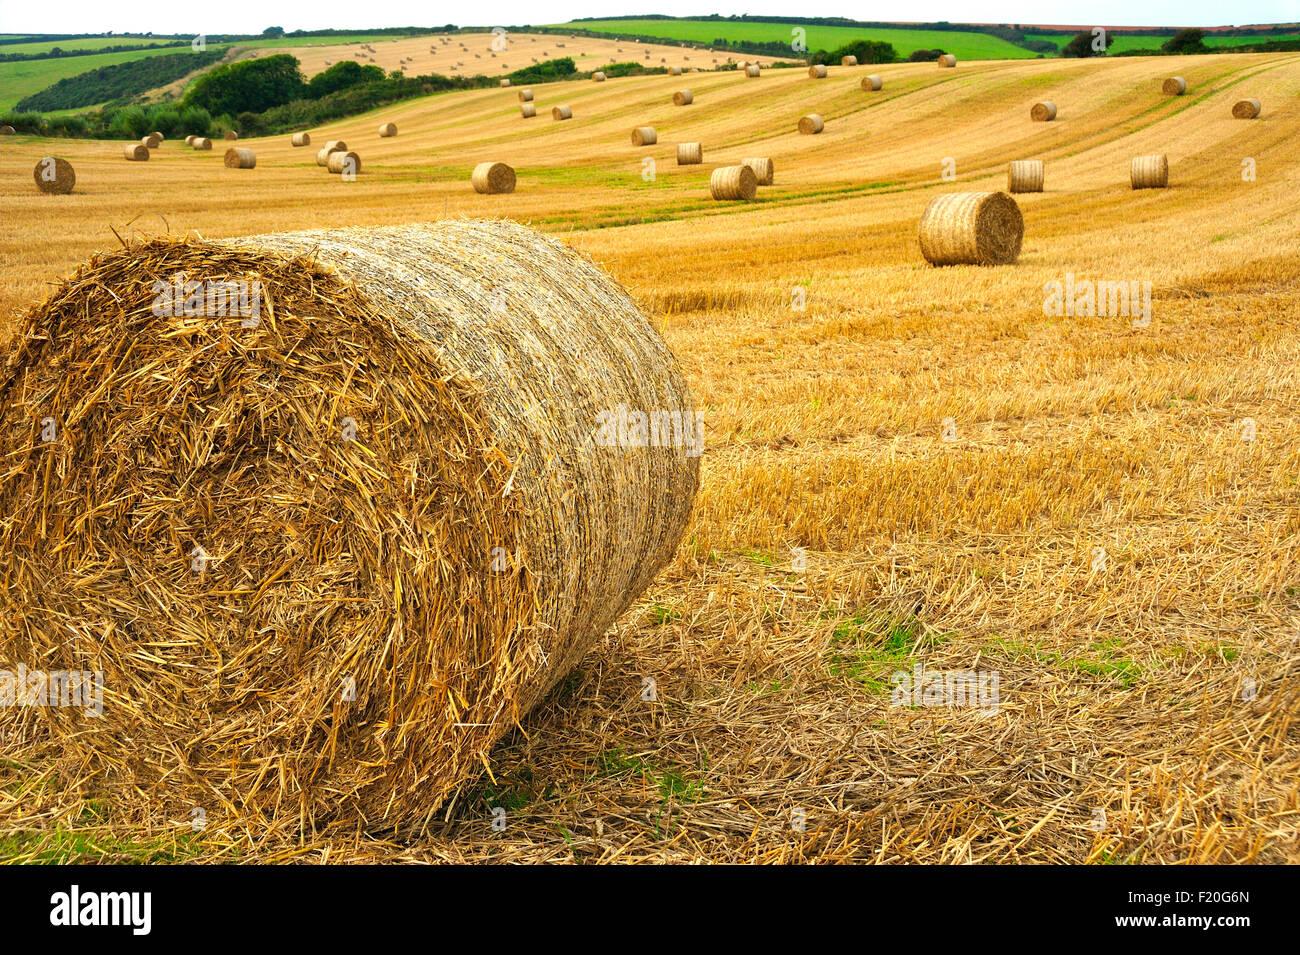 STRAW BALES IN FIELD IN DEVON UK - Stock Image